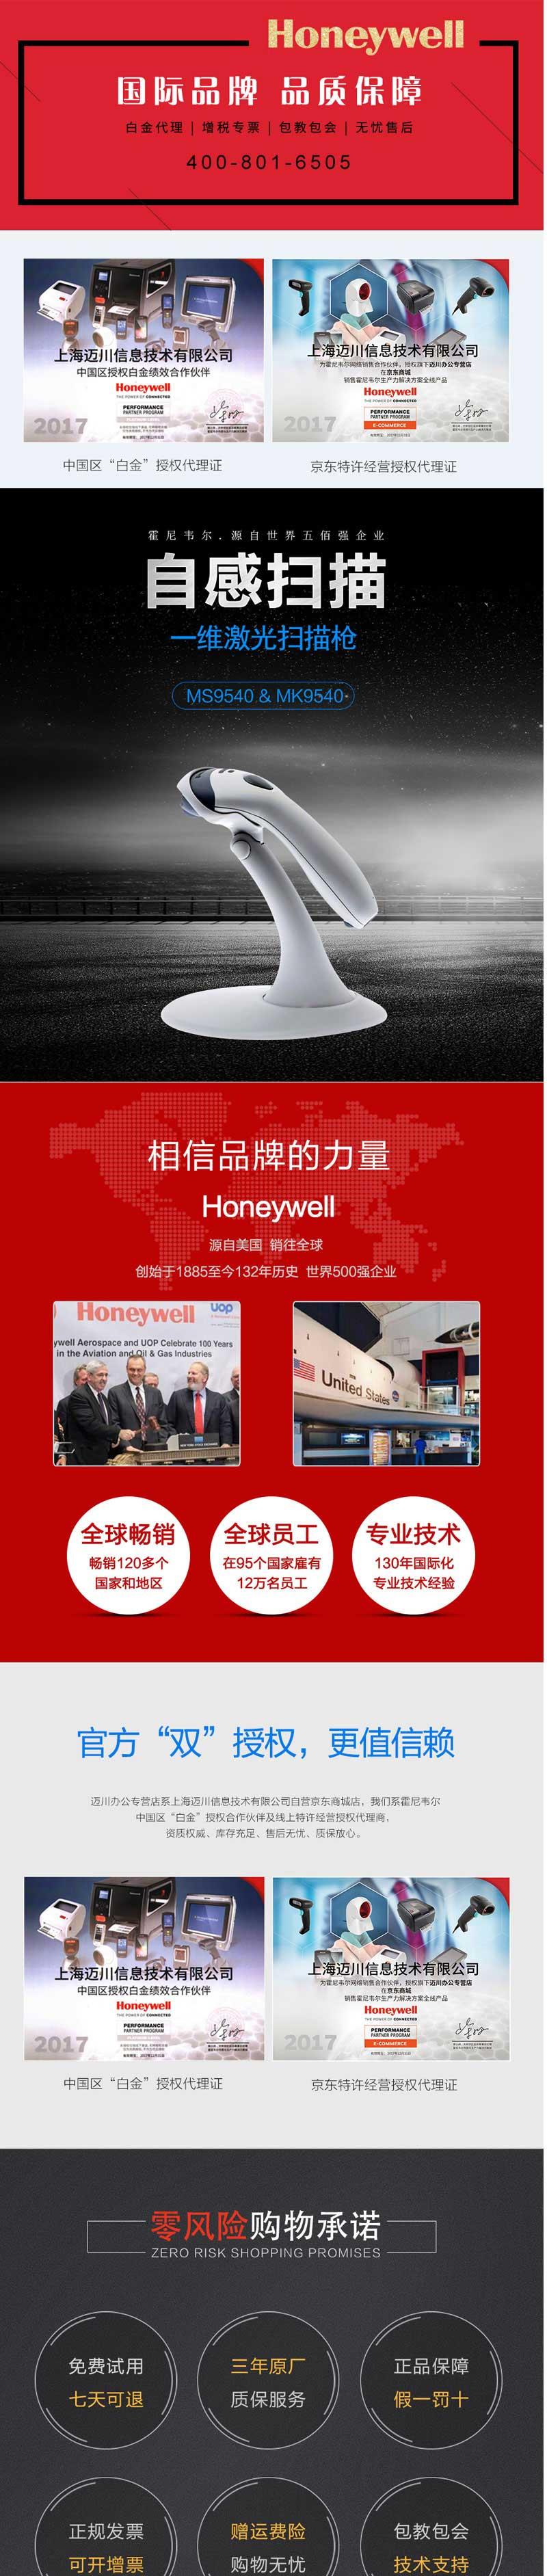 霍尼韦尔(Honeywell)条码扫描枪 超市扫码器 收银扫描器 MK/MS9540 一维/激光/白色USB口